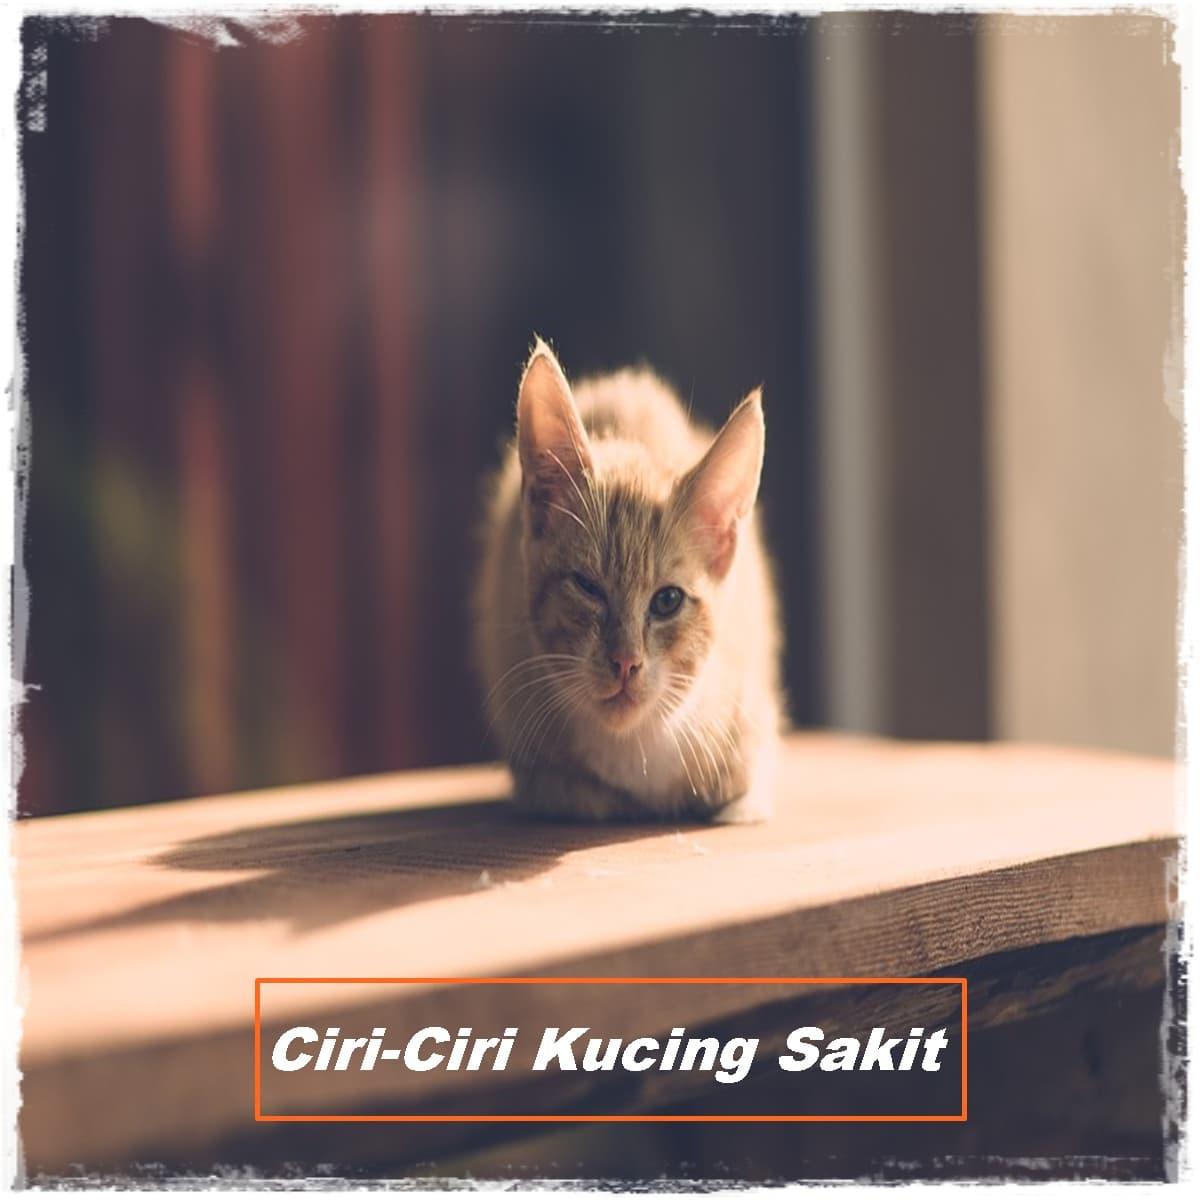 13 Ciri-Ciri Kucing Sakit yang Perlu Anda Ketahui